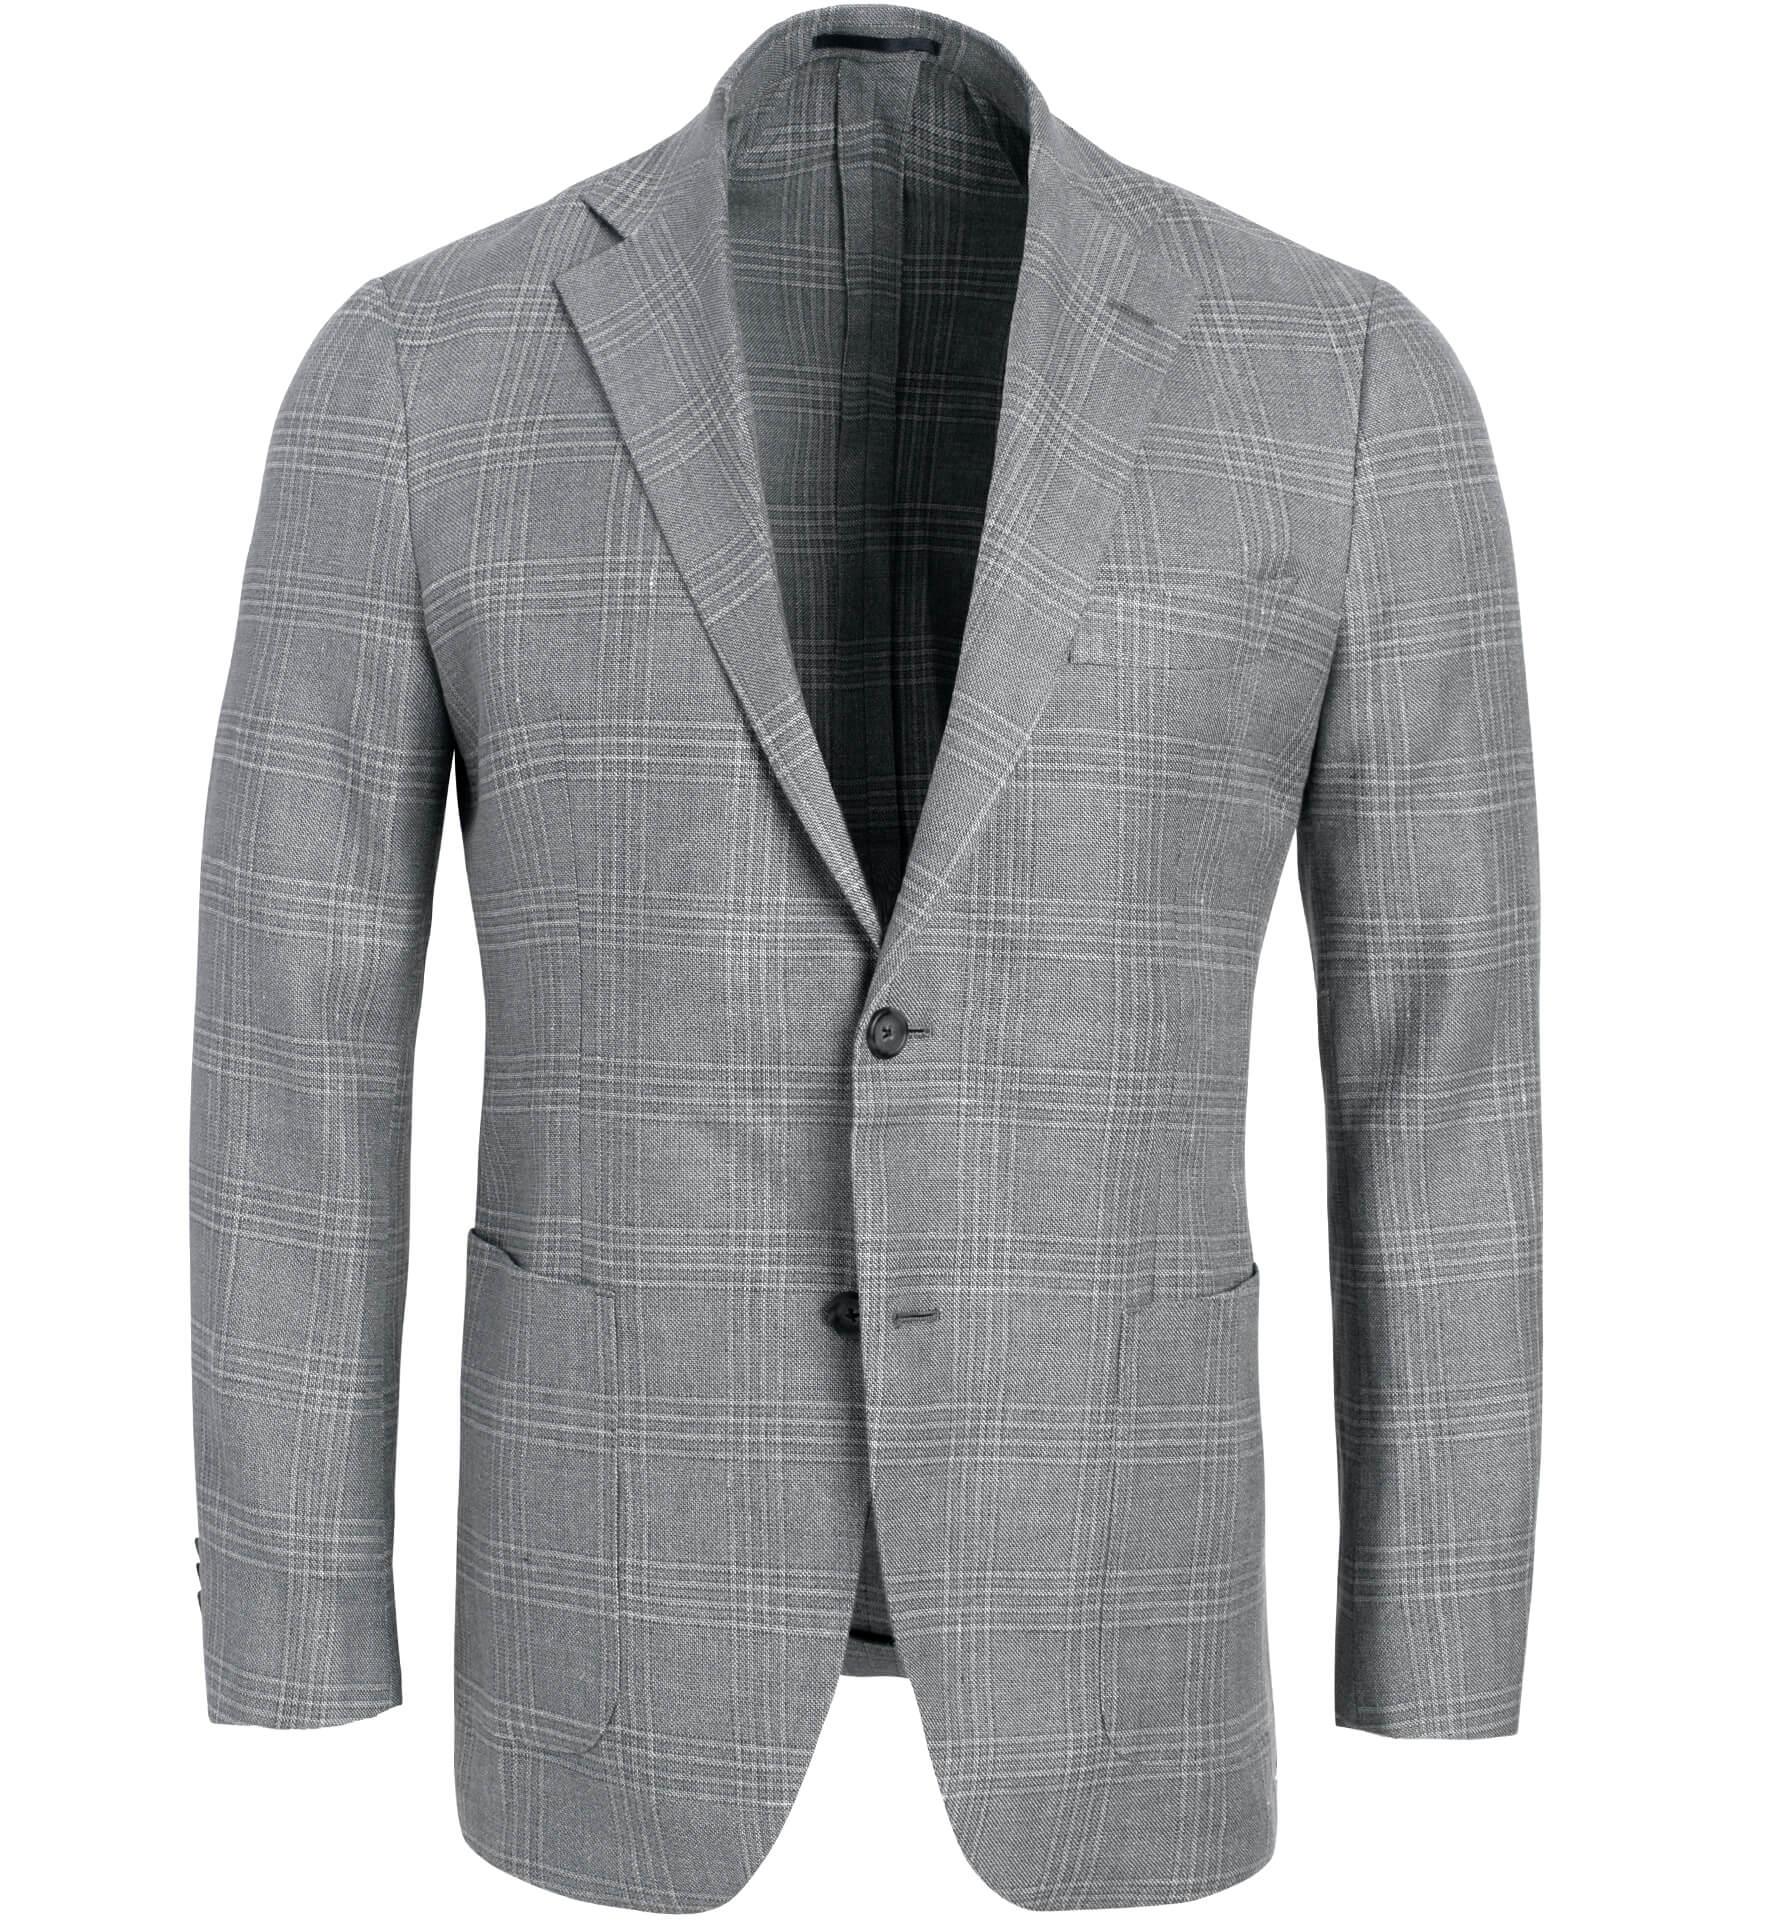 Zoom Image of Bedford Grey Plaid Hemp and Wool Basketweave Jacket